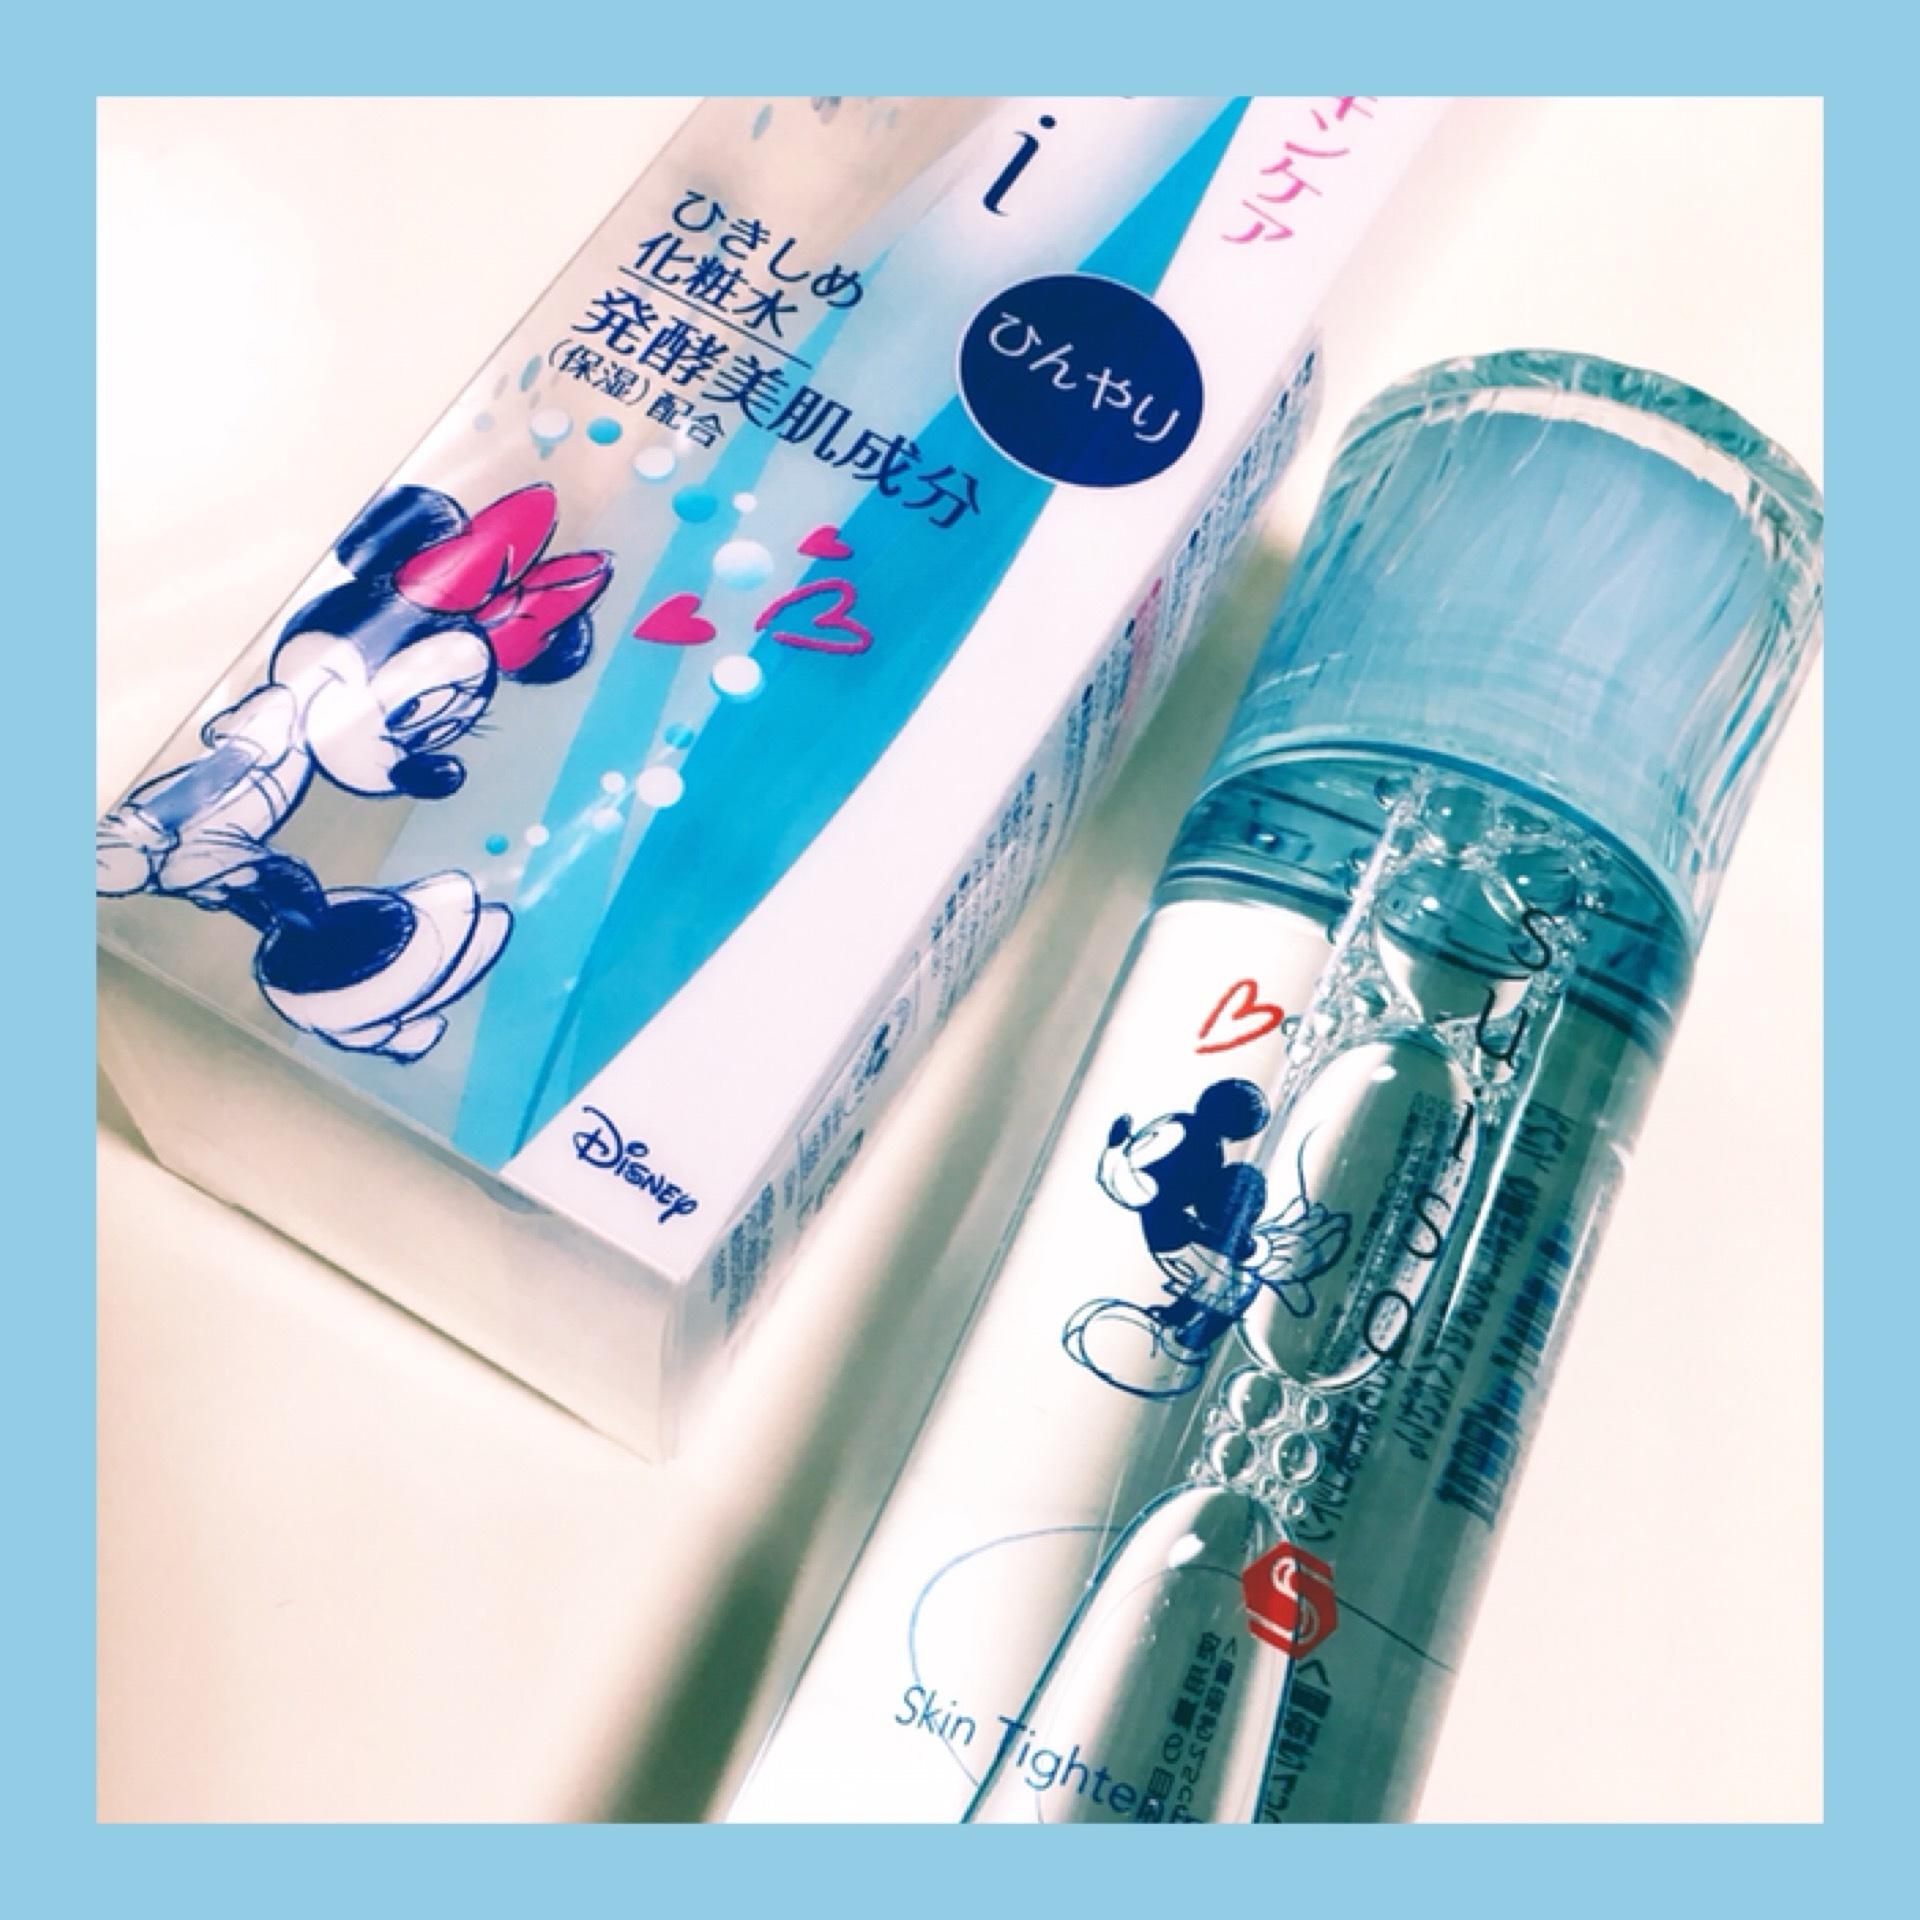 ディズニー限定デザイン♡【 カネボウ suisai 】ローション&酵素洗顔パウダー ♫_1_3-2